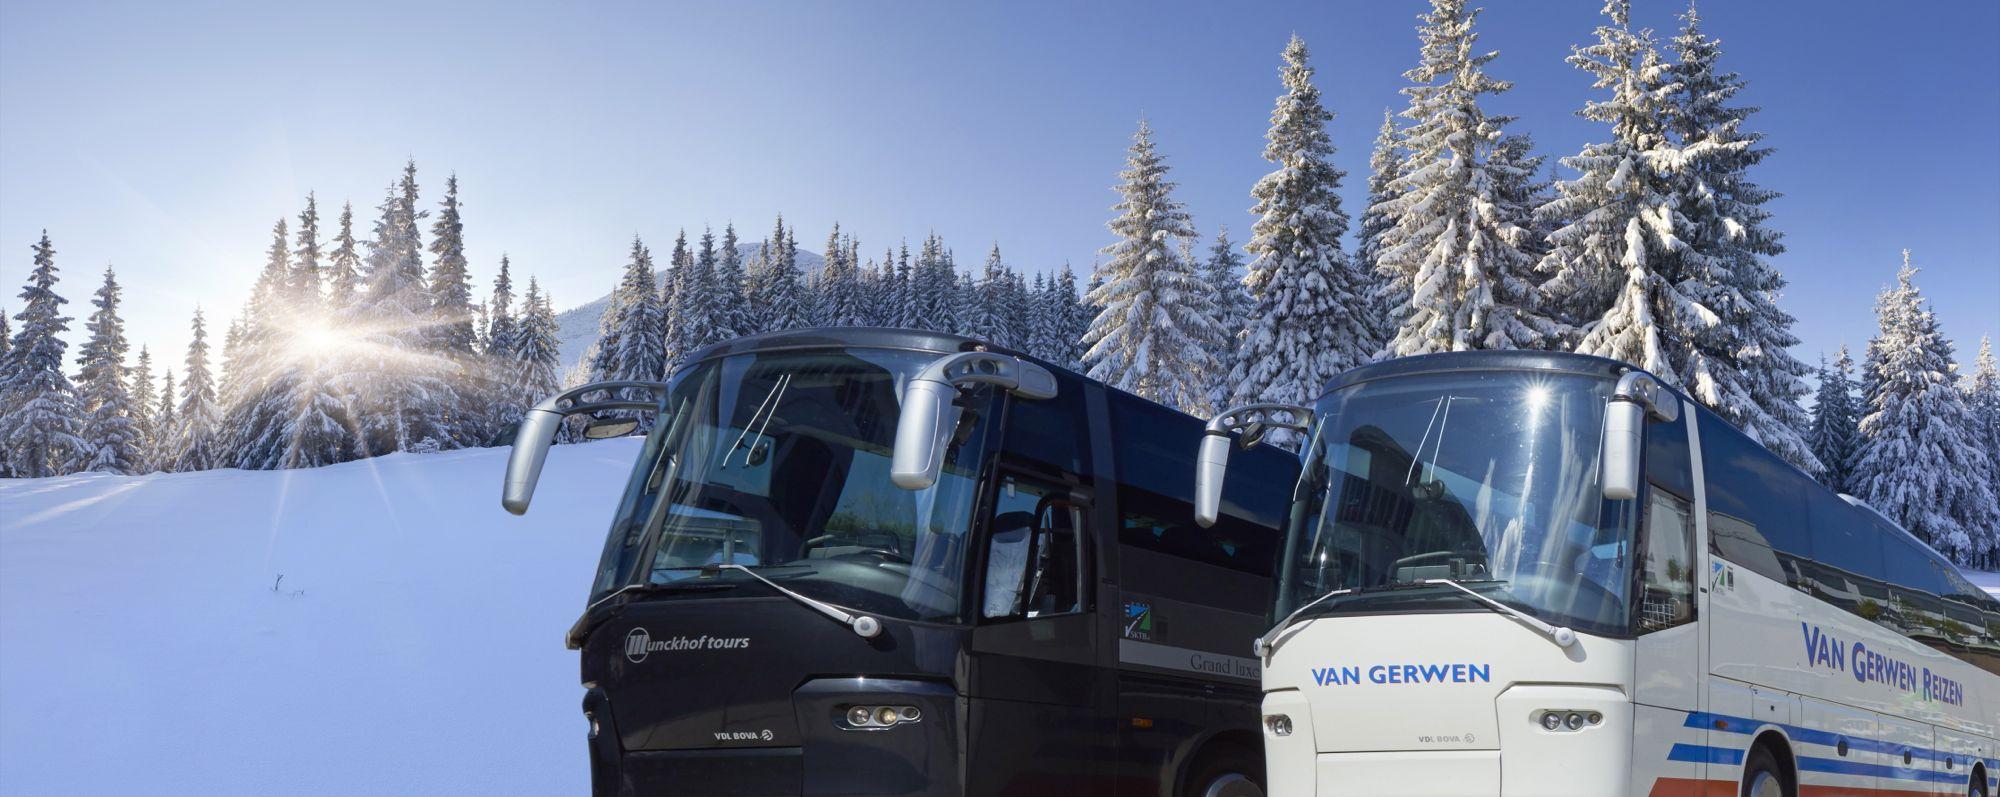 De bussen van VanGerwenMunckhof in de sneeuw